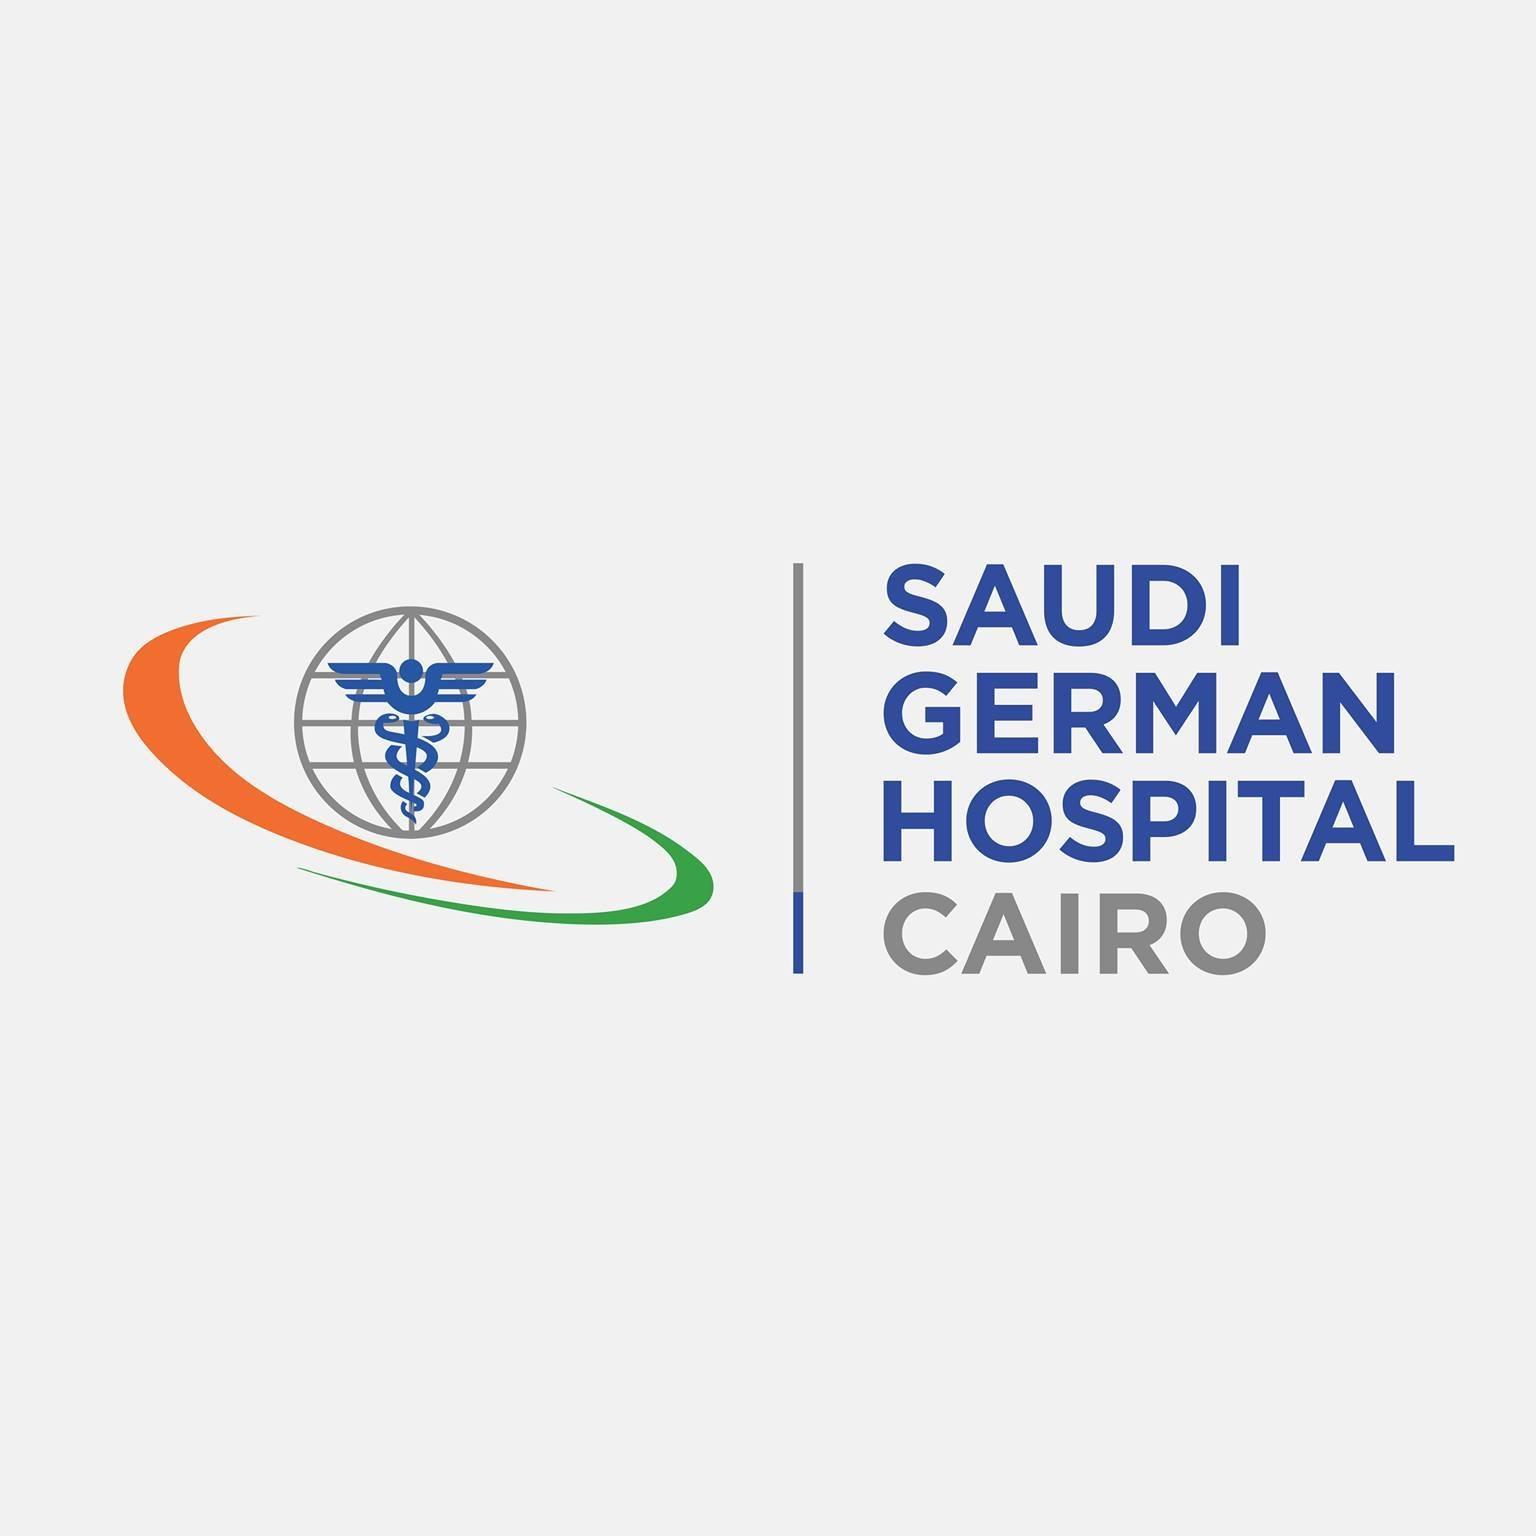 حجز العيادات في المستشفى السعودي الألماني بالقاهرة